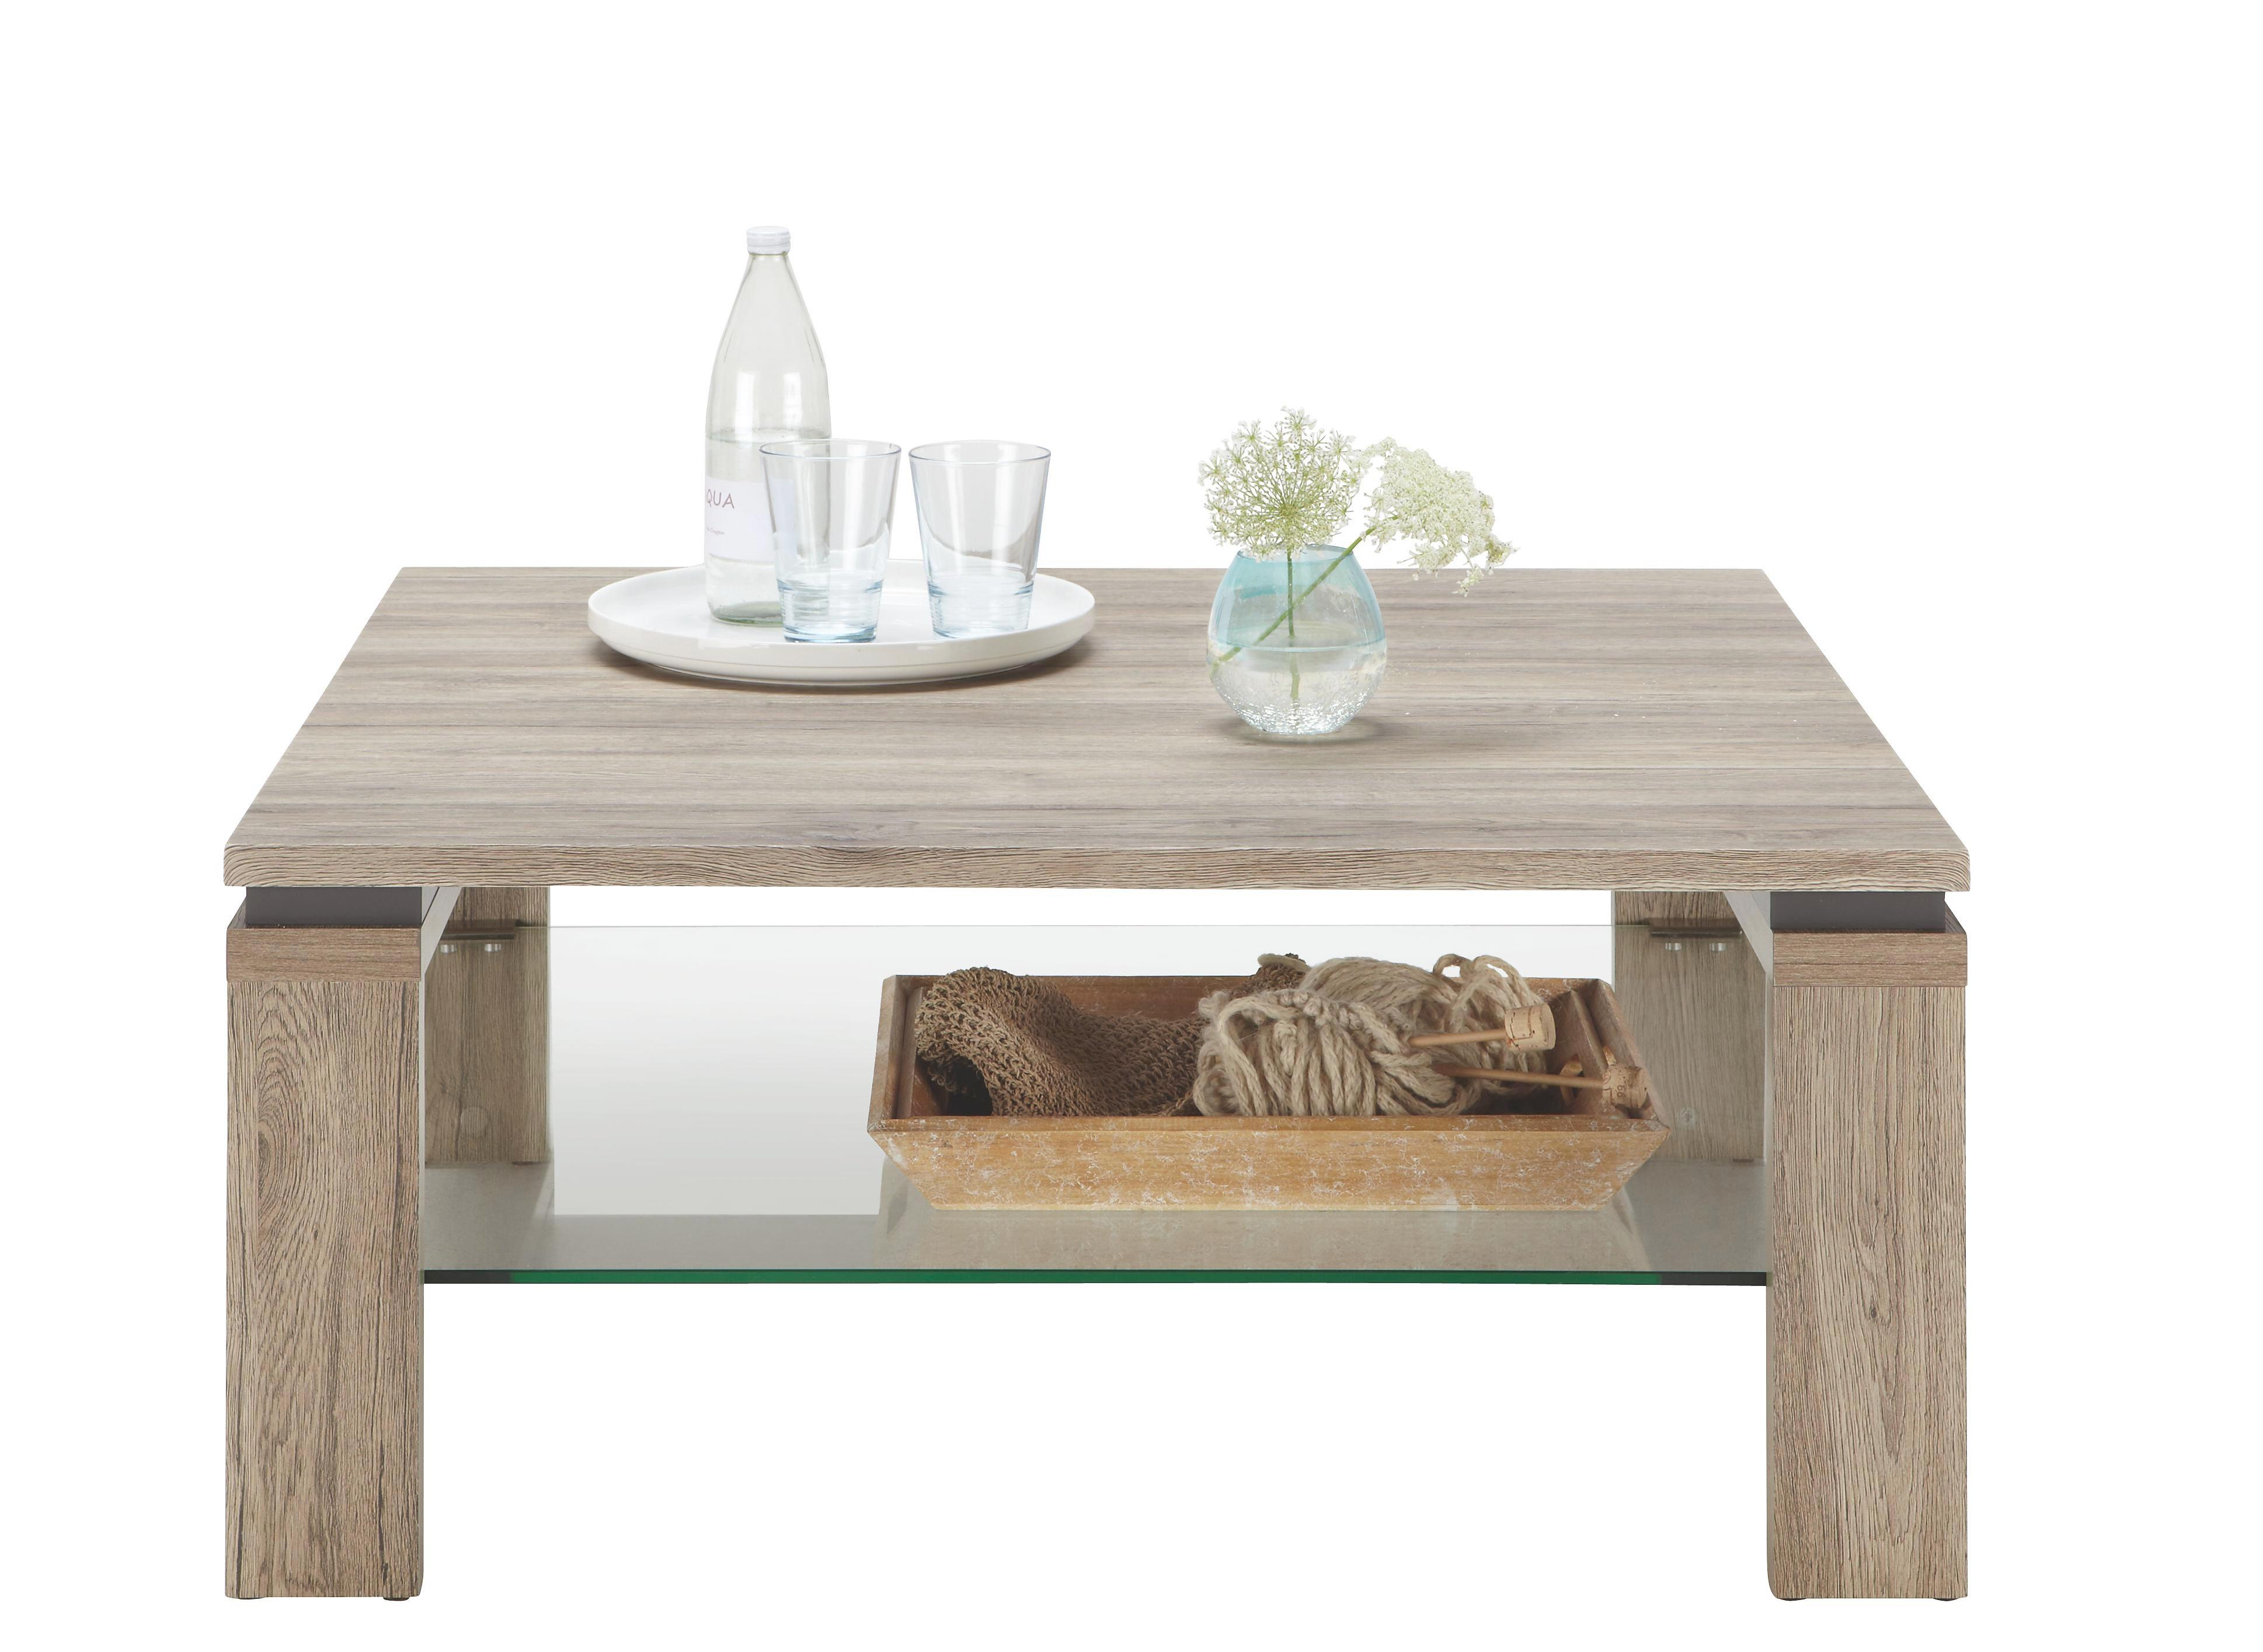 Couchtisch aus Eiche - MODERN, Holz (90/40/90cm) - PREMIUM LIVING